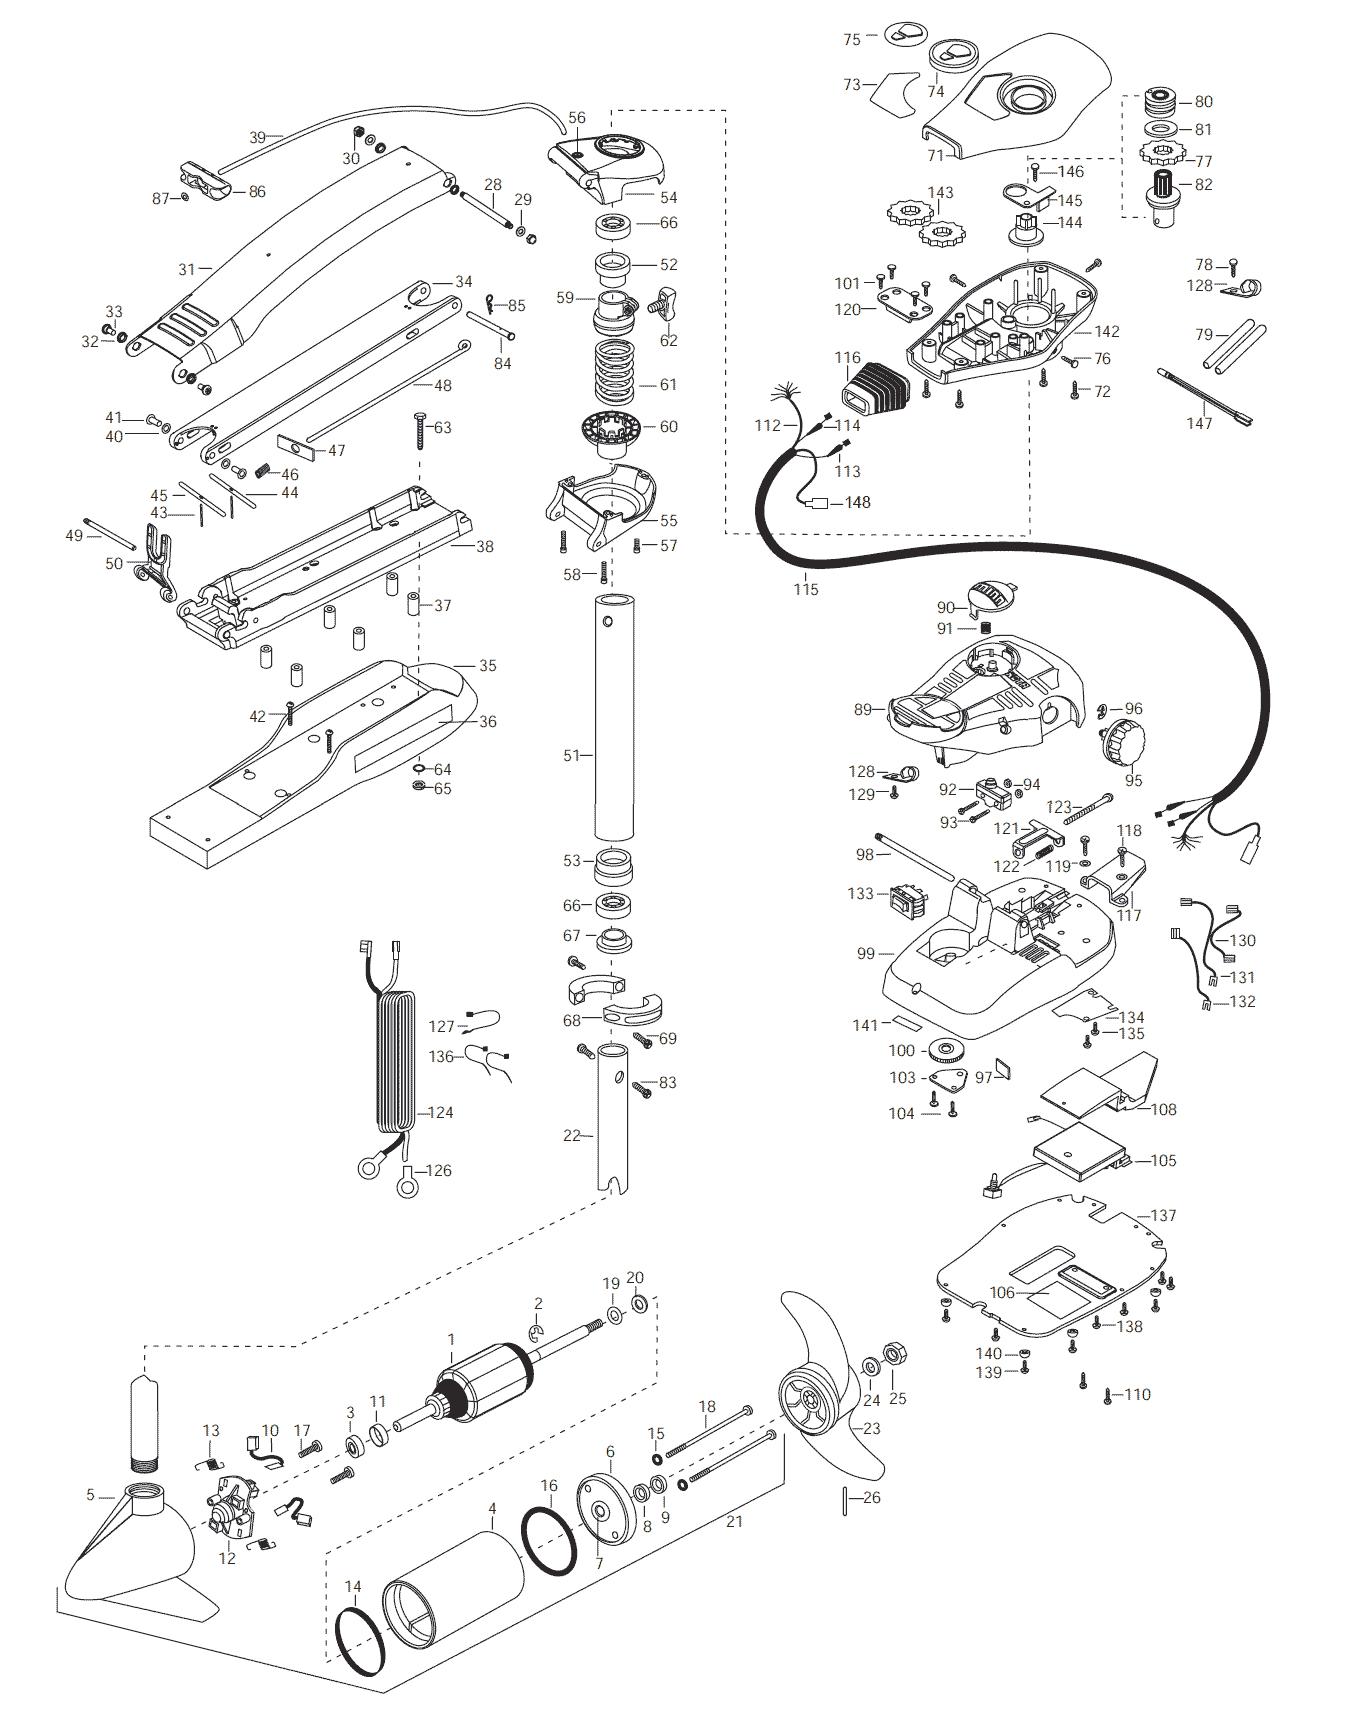 Minn Kota Maxxum 65  42 Inch  Parts